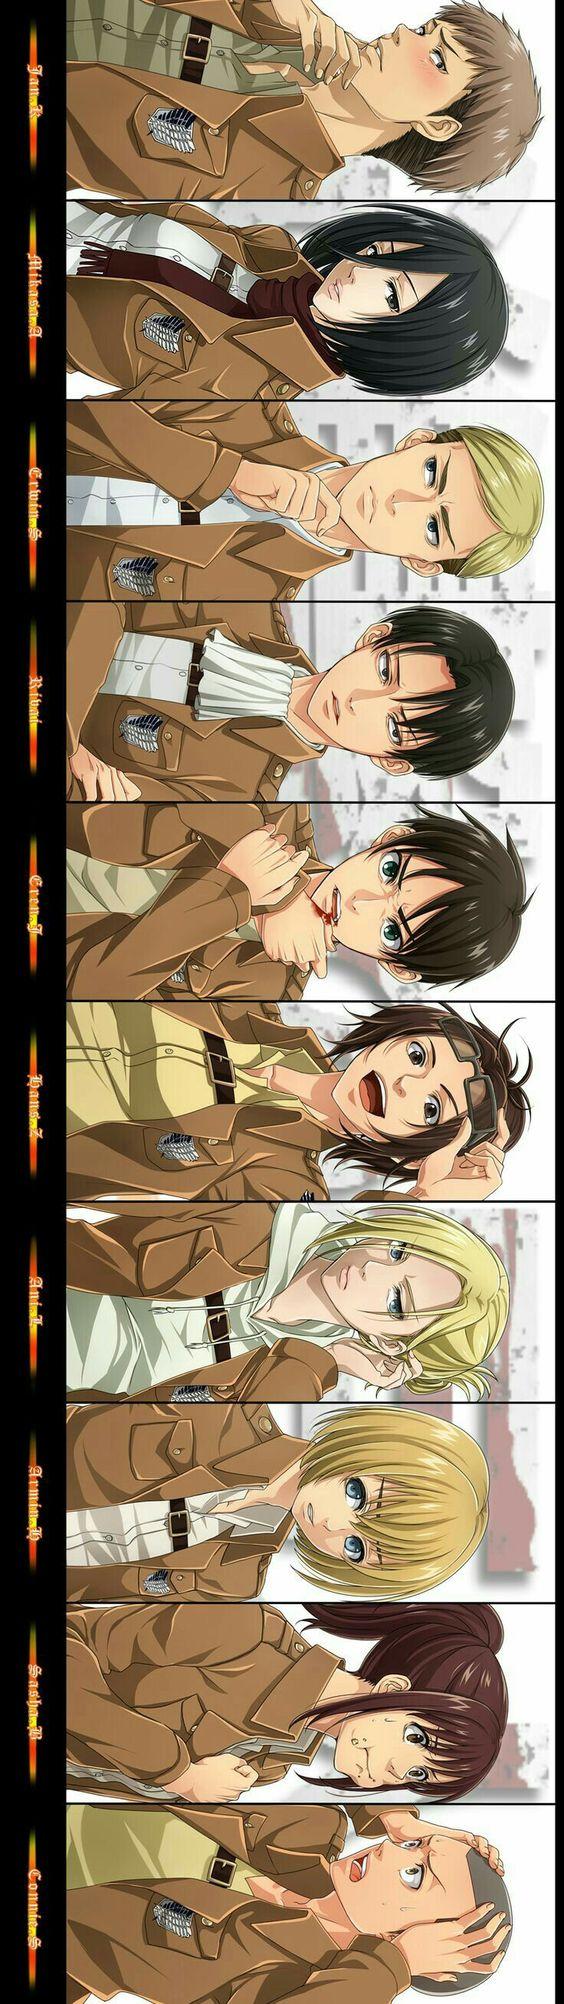 Jean, Mikasa, Erwin, Levi, Eren, Hanji, Annie, Armin, Sasha, Connie, text, funny, blushing, cool; Attack on Titan